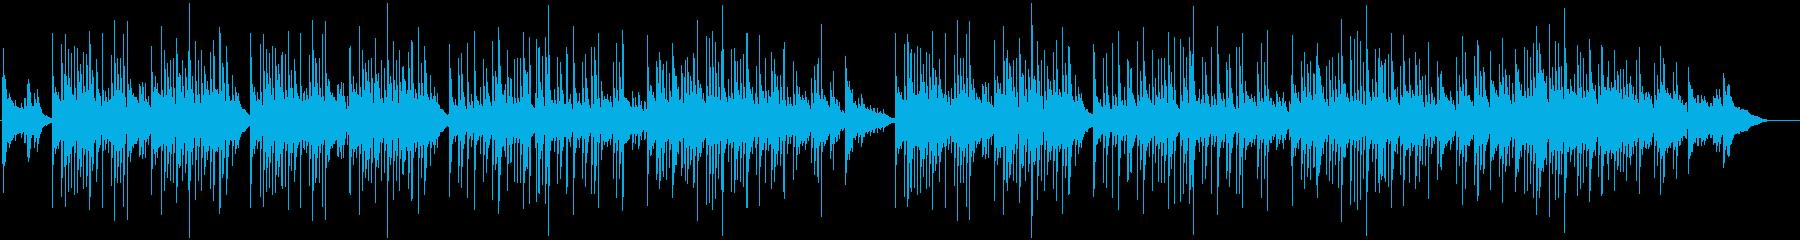 ゆったり癒しのリズムと切なさ漂う三線の音の再生済みの波形